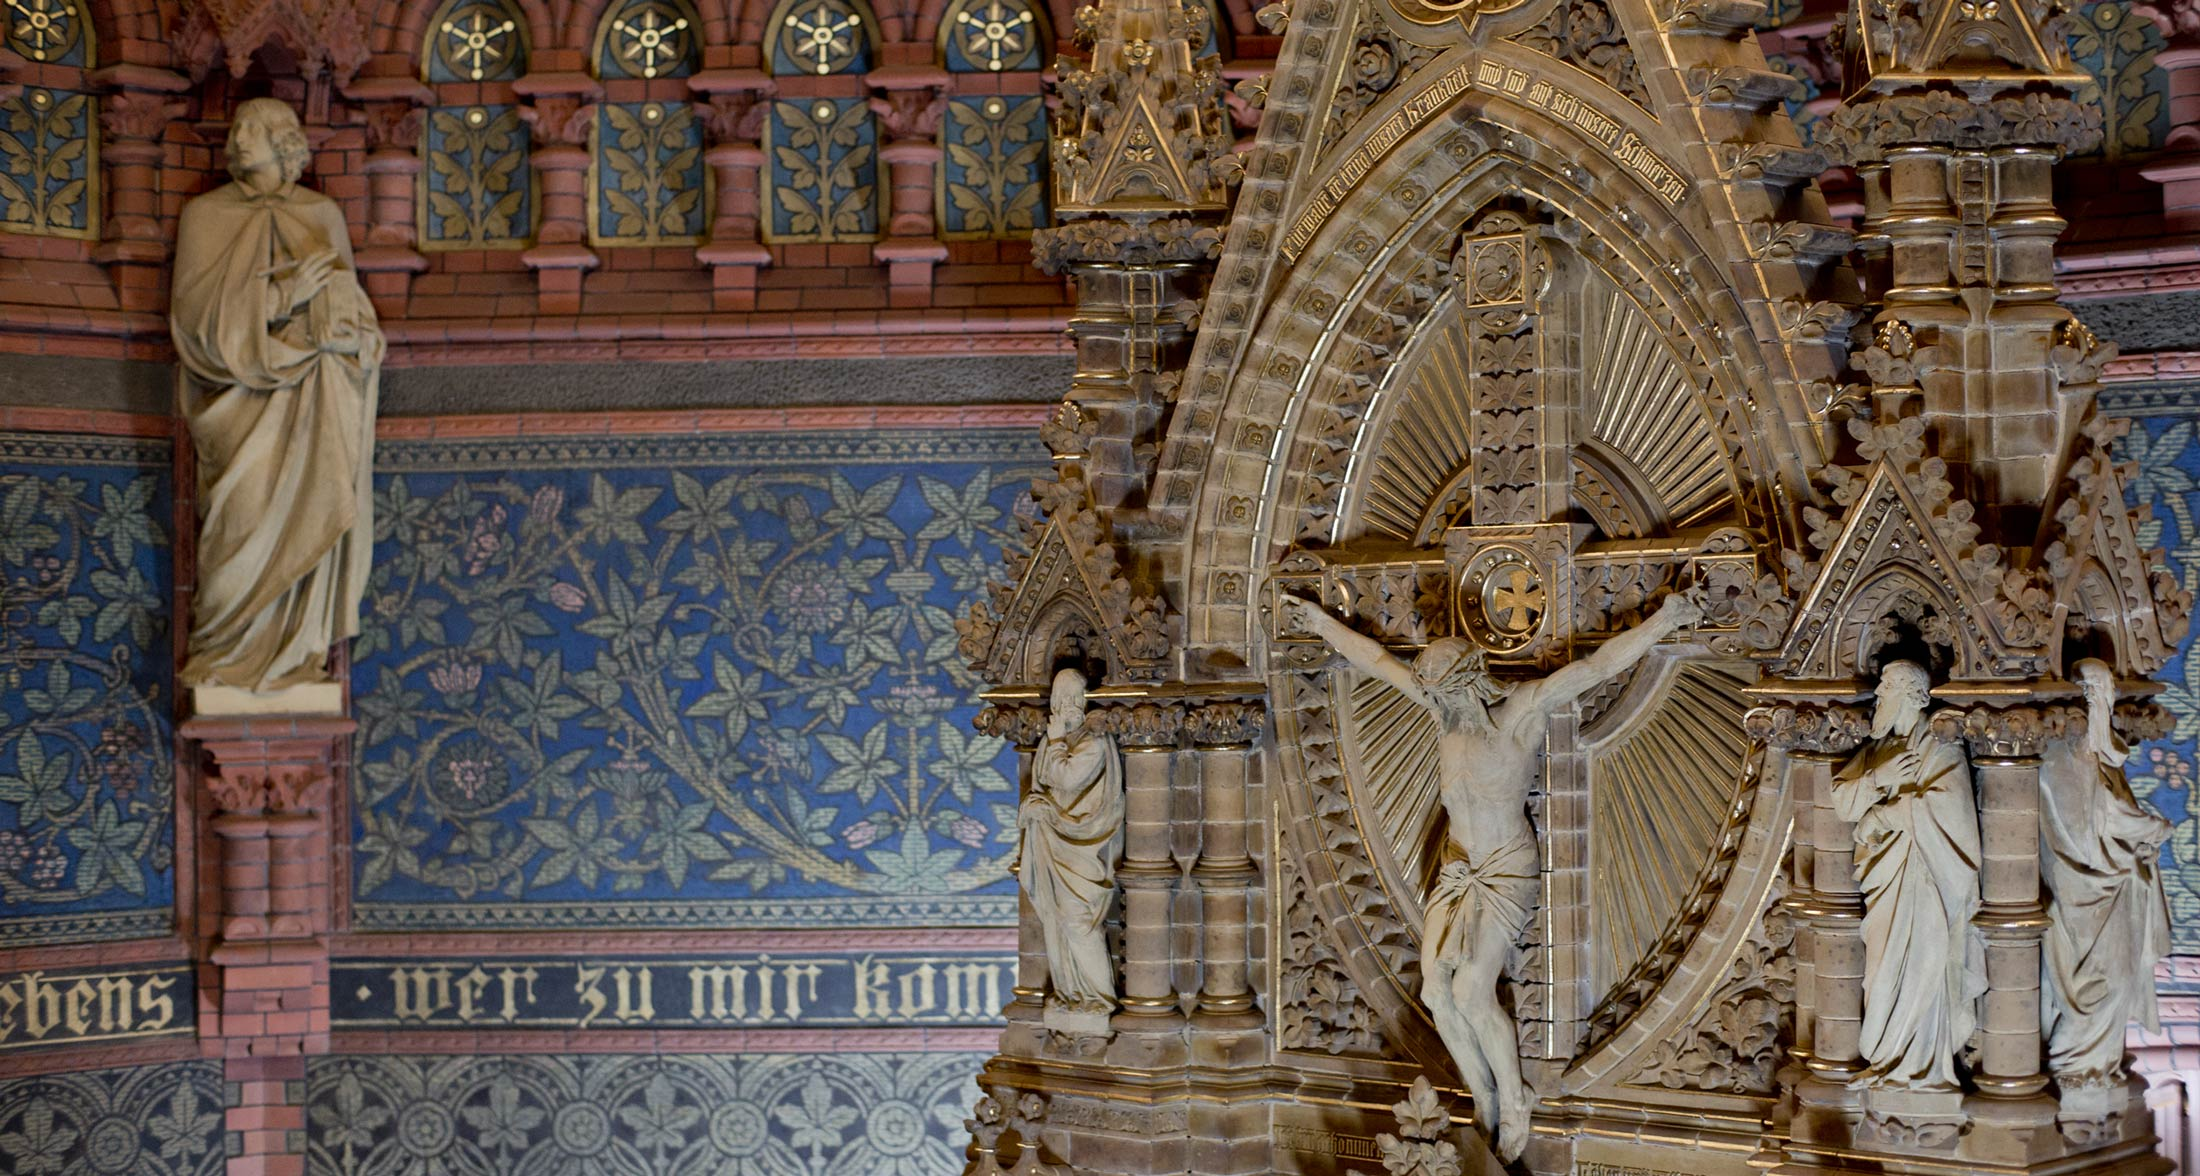 Zentrale Figurengruppe im Schlusszustand mit restaurierten Sgraffittoflächen im Hintergrund - Lutherkirche Apolda